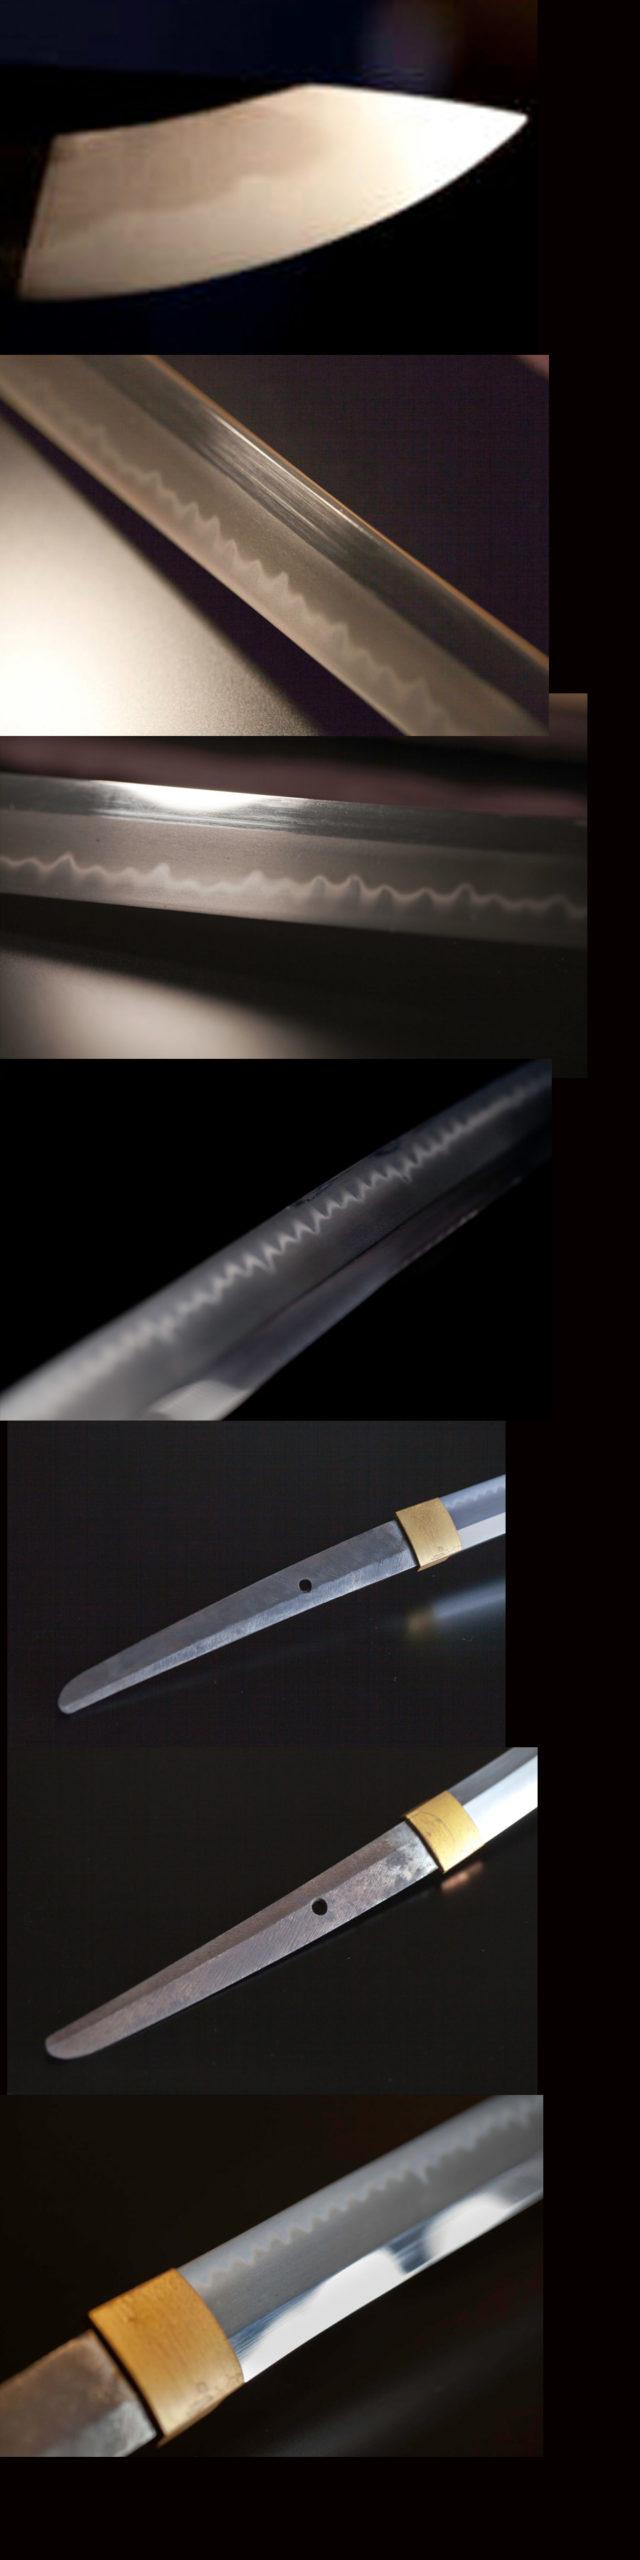 保存刀剣「美濃伝」最高峰刀(二十七代・兼元)金子孫六!鑑定書あり